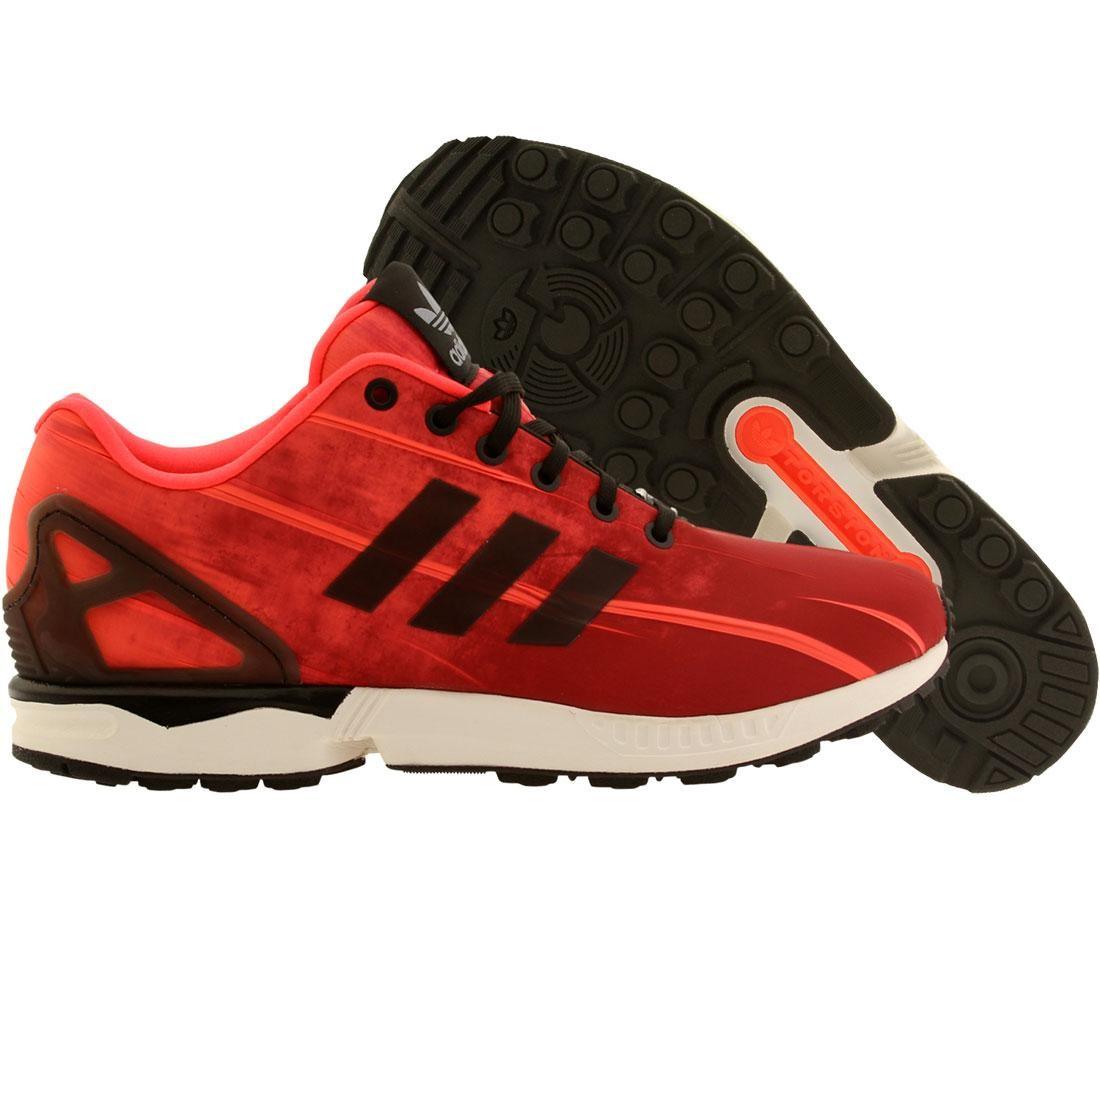 【海外限定】アディダス テニス スニーカー 靴 【 ADIDAS MEN ZX FLUX US OPEN TENNIS PACK RED BLACK 】